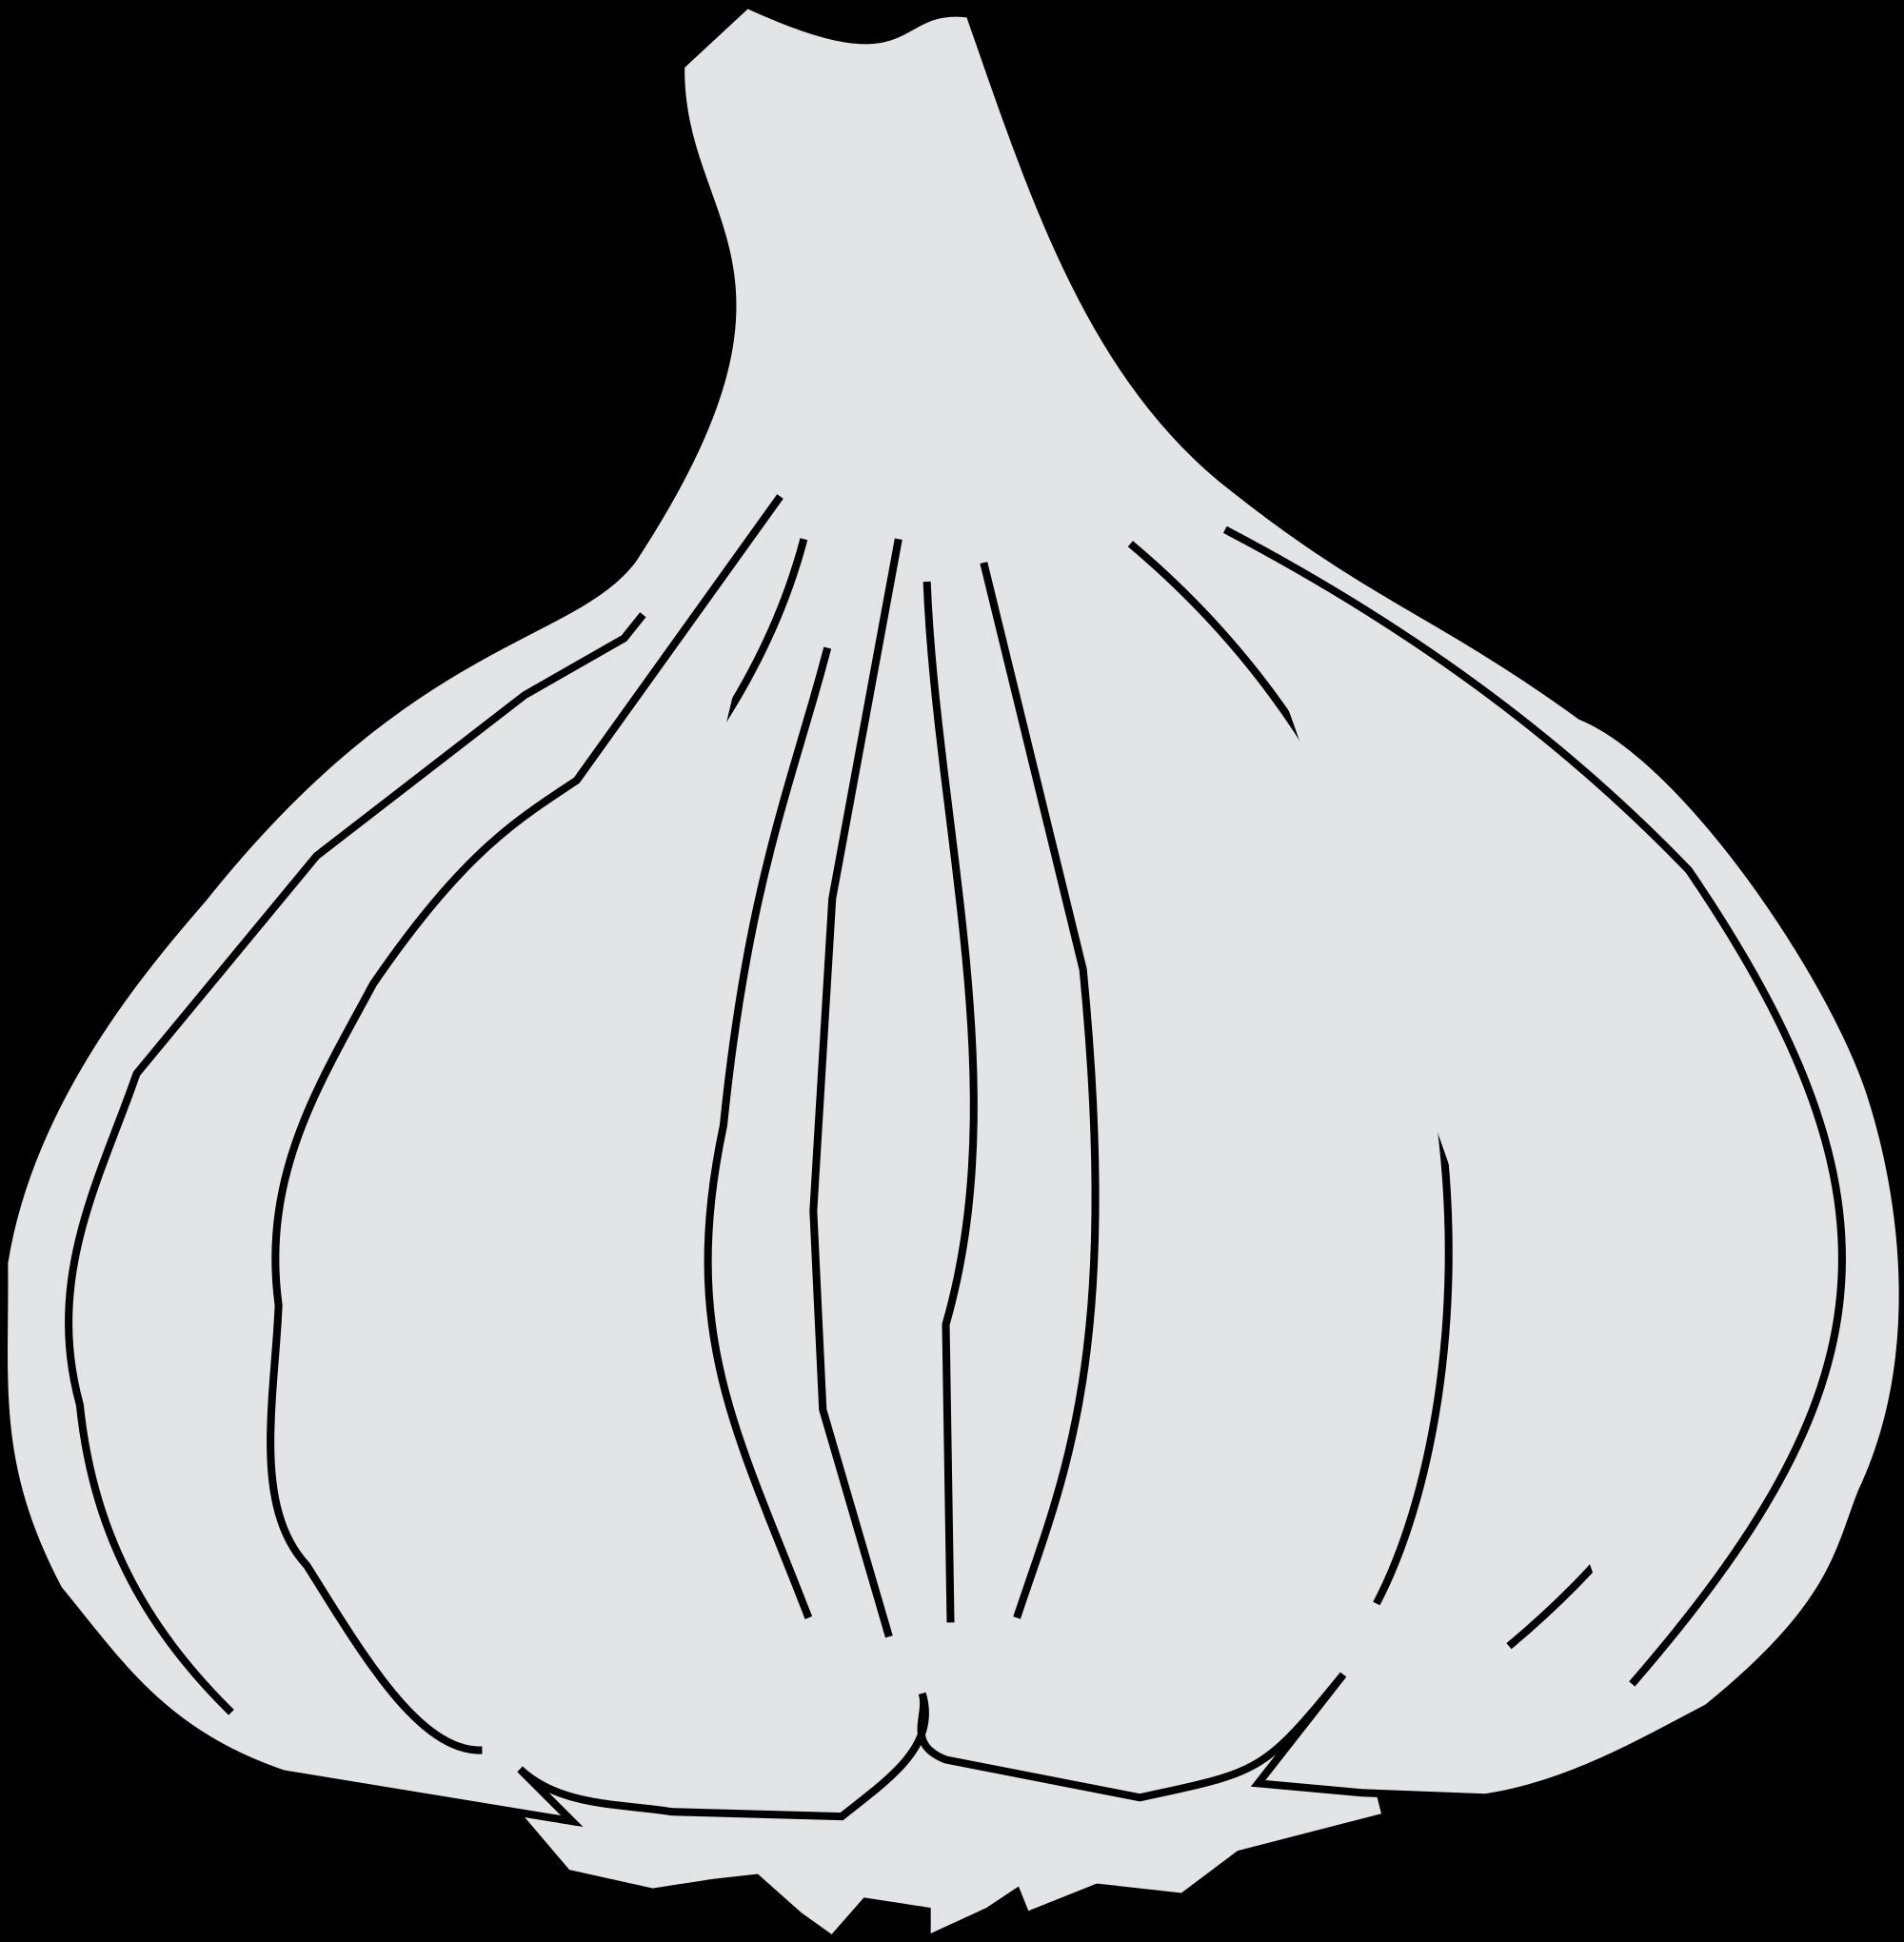 Allium svg #8, Download drawings